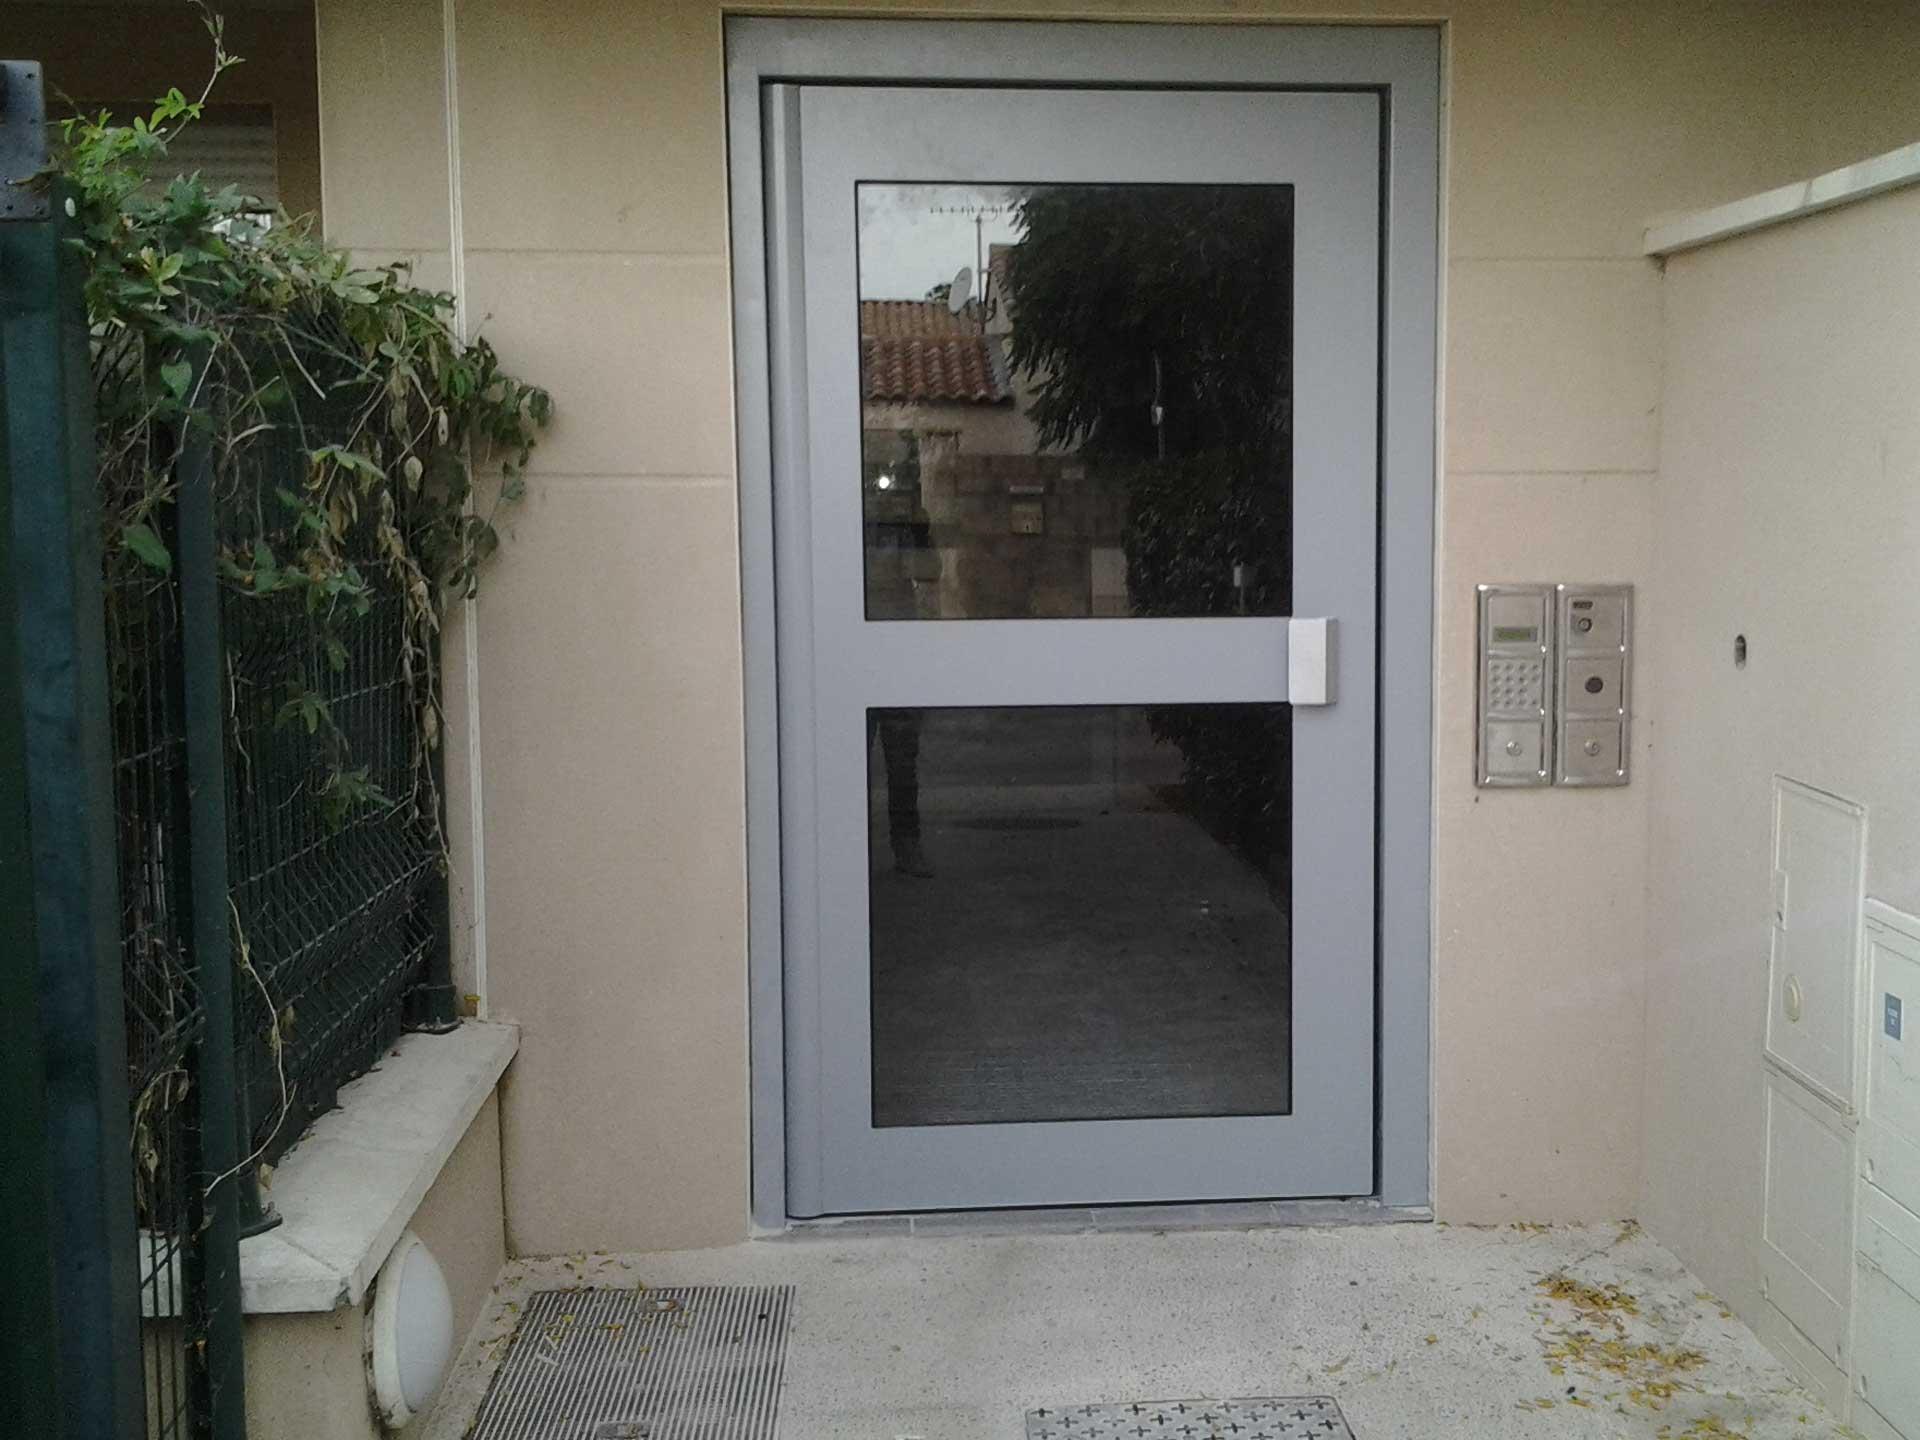 Vente porte d'entrée d'immeuble et systèmes d'accès avec Sim Fermetures à Nîmes